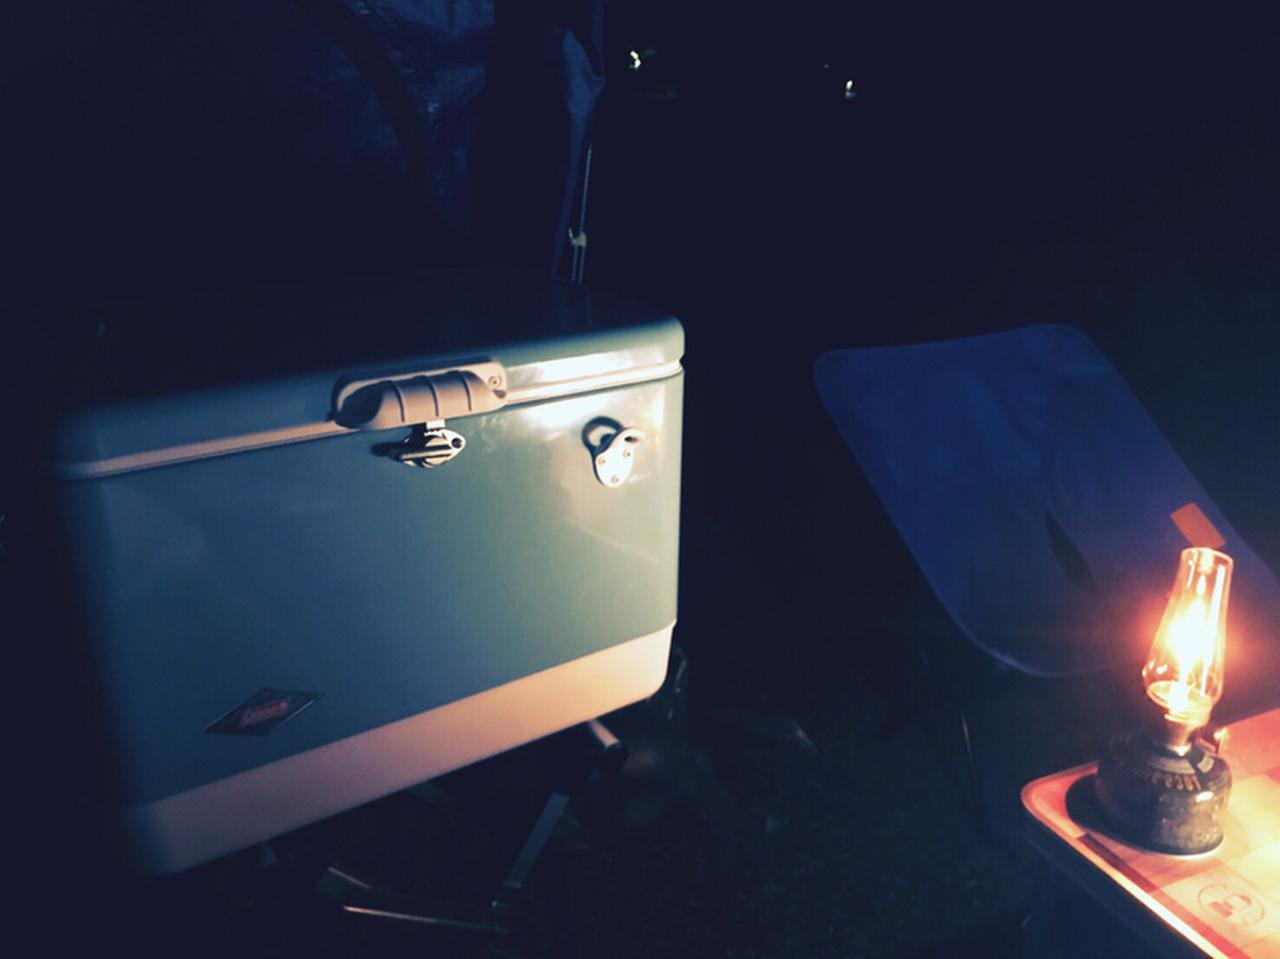 画像: 保冷効果を長時間持続させる4つのおすすめポイント! クーラーボックス&保冷剤を上手に使おう